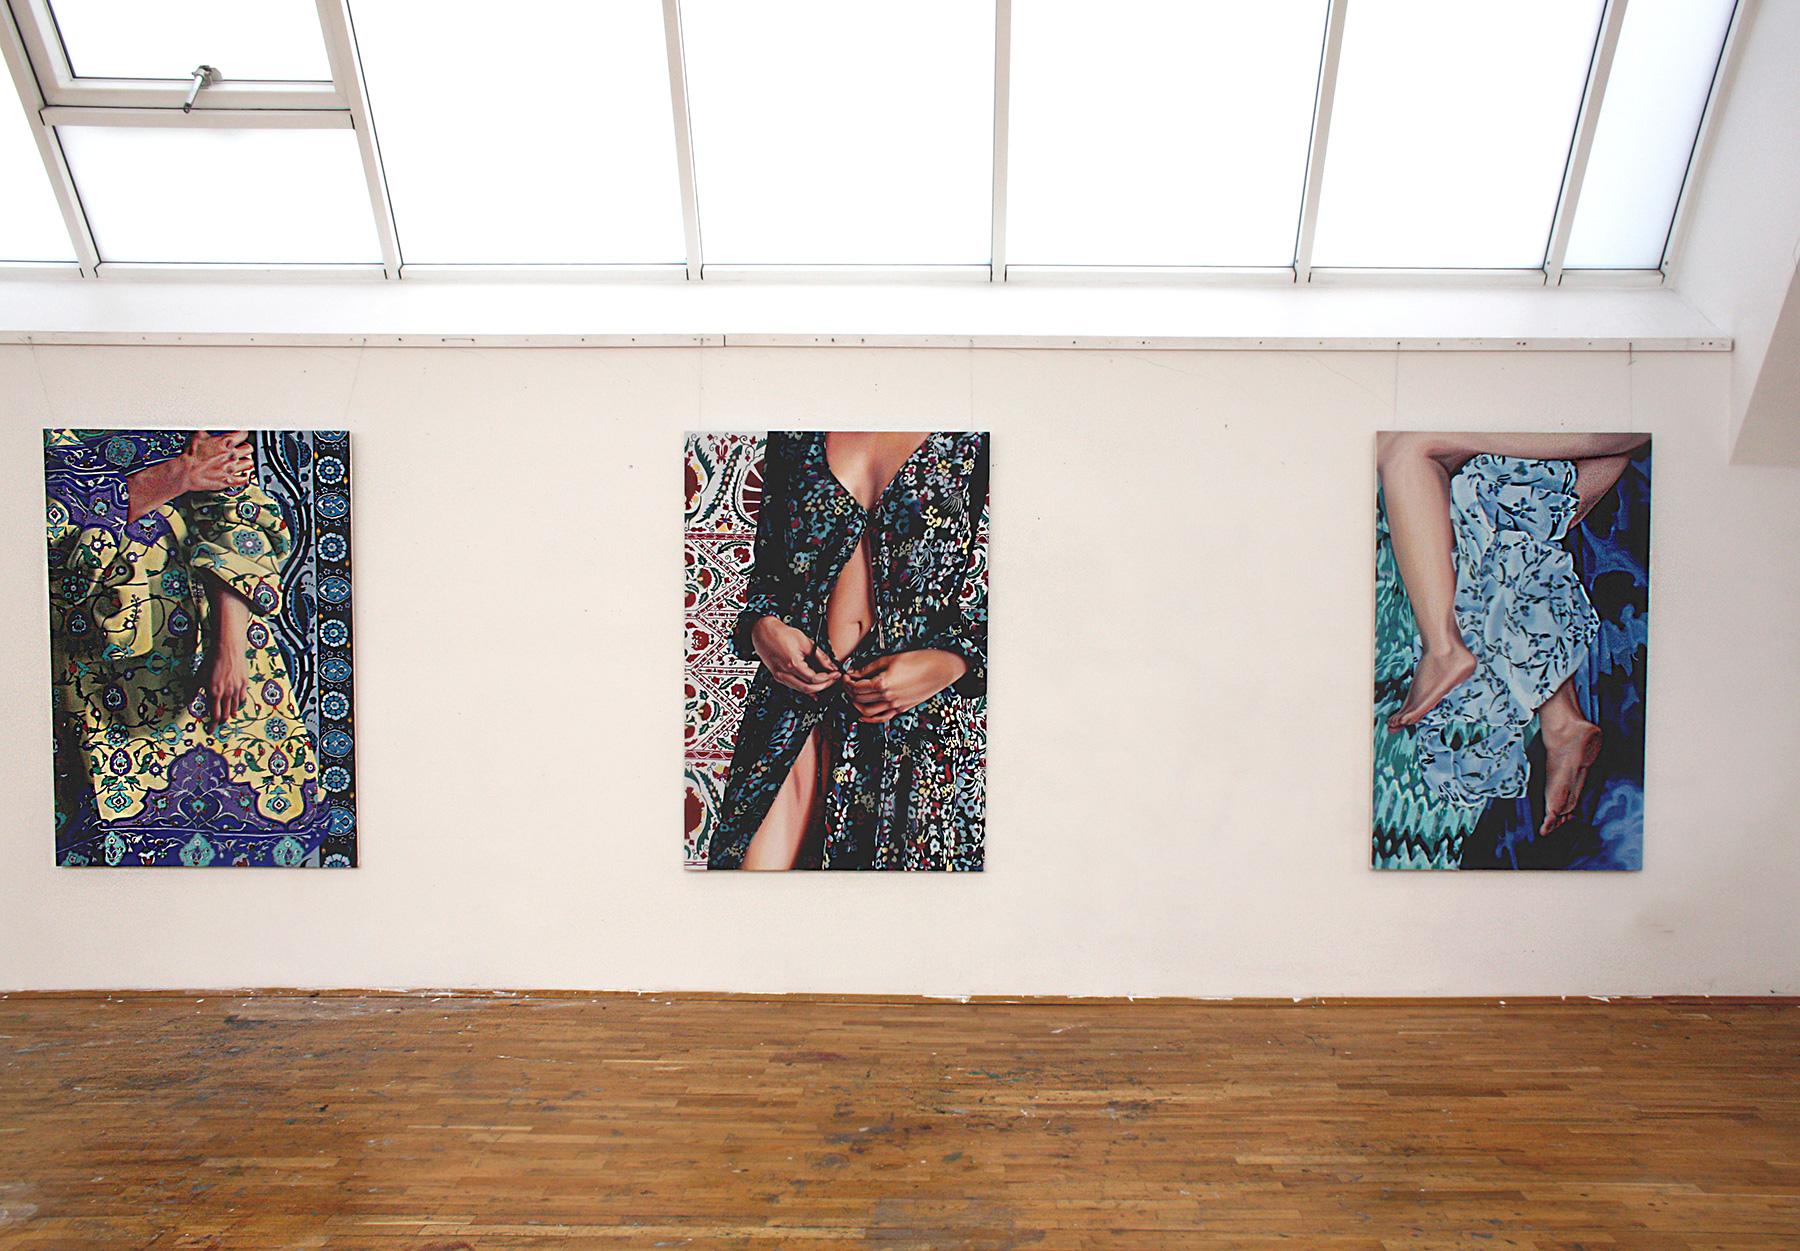 kunsttryk, gliceé, æstetiske, figurative, landskab, portræt, kroppe, botanik, mønstre, seksualitet, beige, blå, røde, hvide, blæk, papir, samtidskunst, design, erotiske, kvindelig, blomster, interiør, bolig-indretning, moderne, moderne-kunst, naturlig, naturealistiske, nordisk, planter, romantiske, skandinavisk, seksuel, kvinder, Køb original kunst og kunstplakater. Malerier, tegninger, limited edition kunsttryk & plakater af dygtige kunstnere.